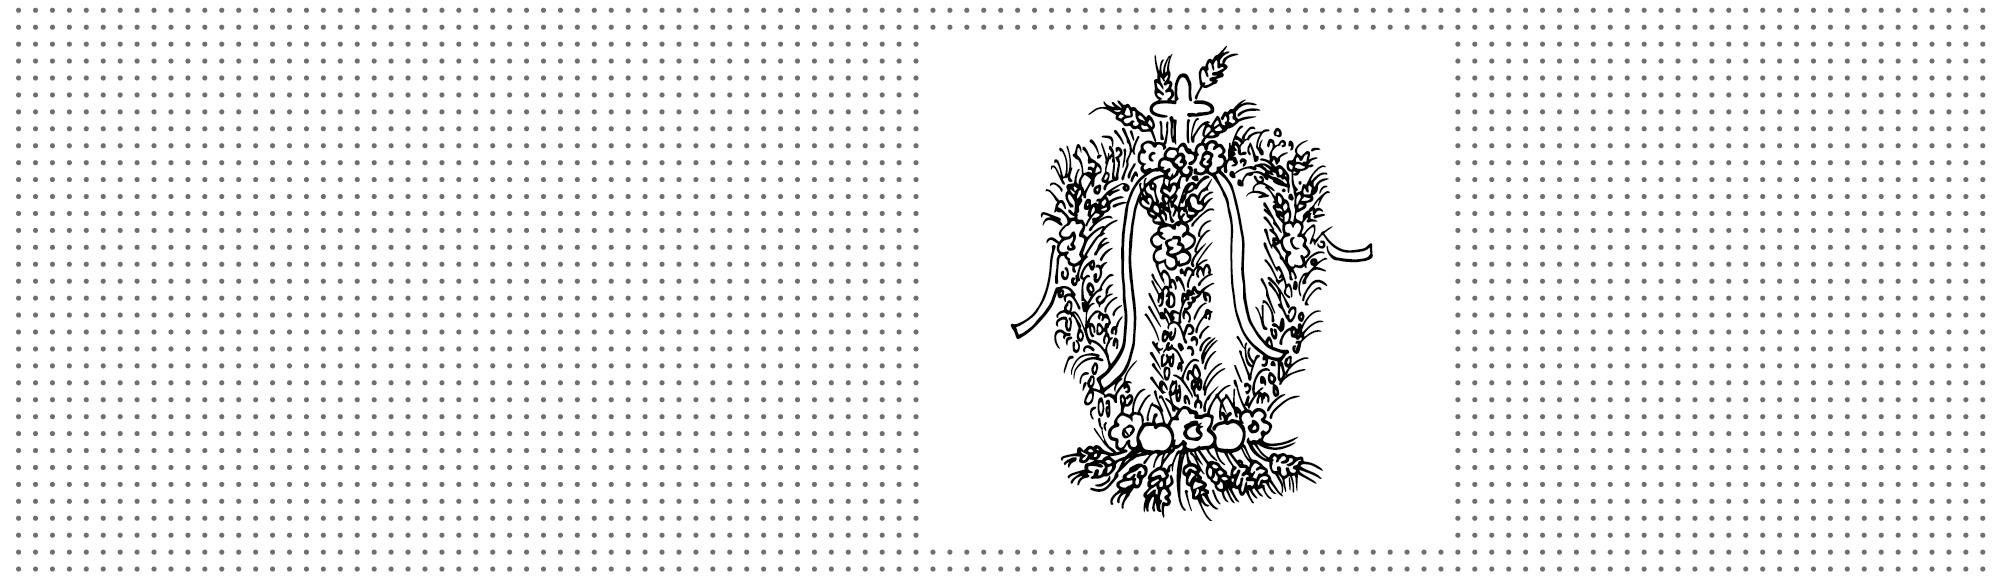 Kolorowanka – Śląskie tradycje: Korona dożynkowa